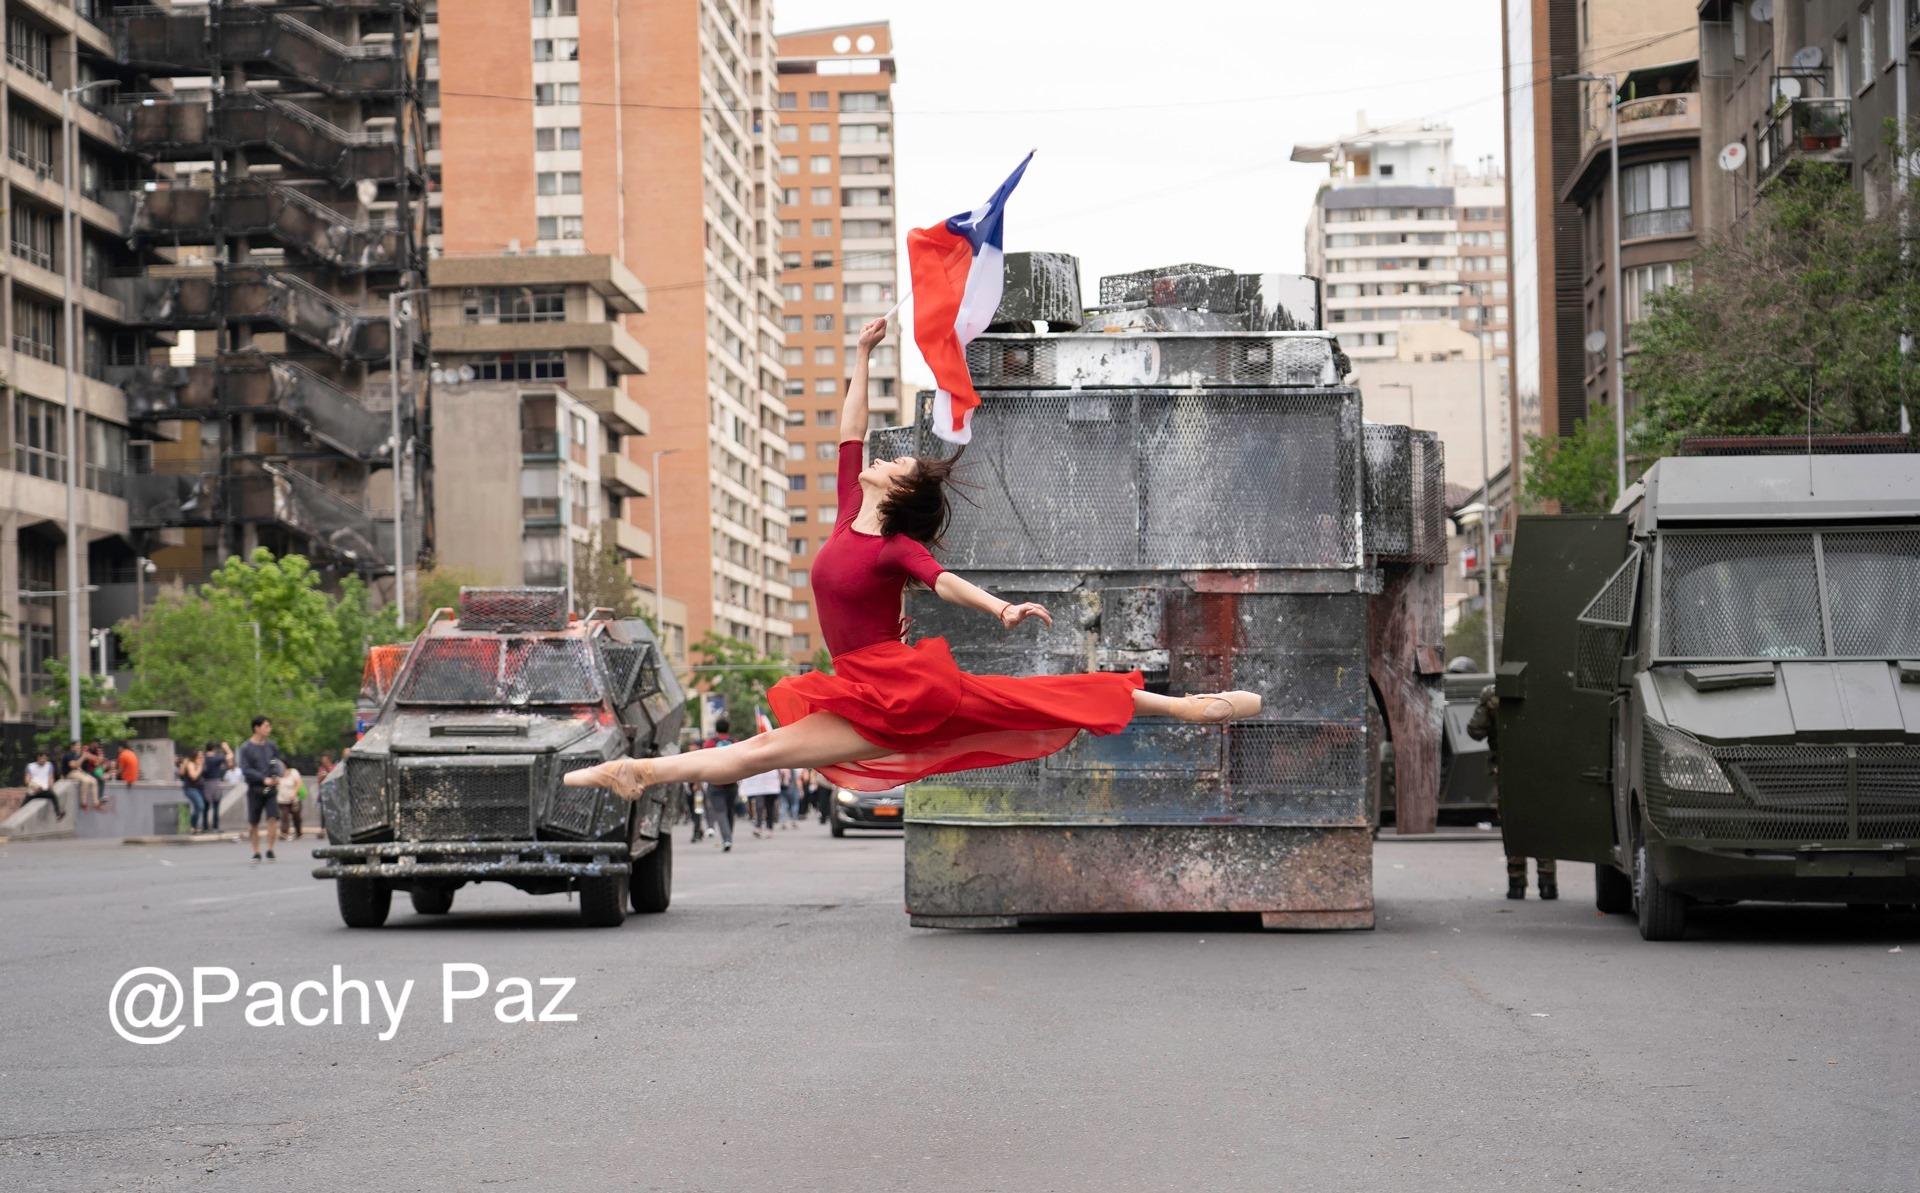 https://theins.ru/wp-content/uploads/2019/11/leriny-Santyago-25.10.jpg